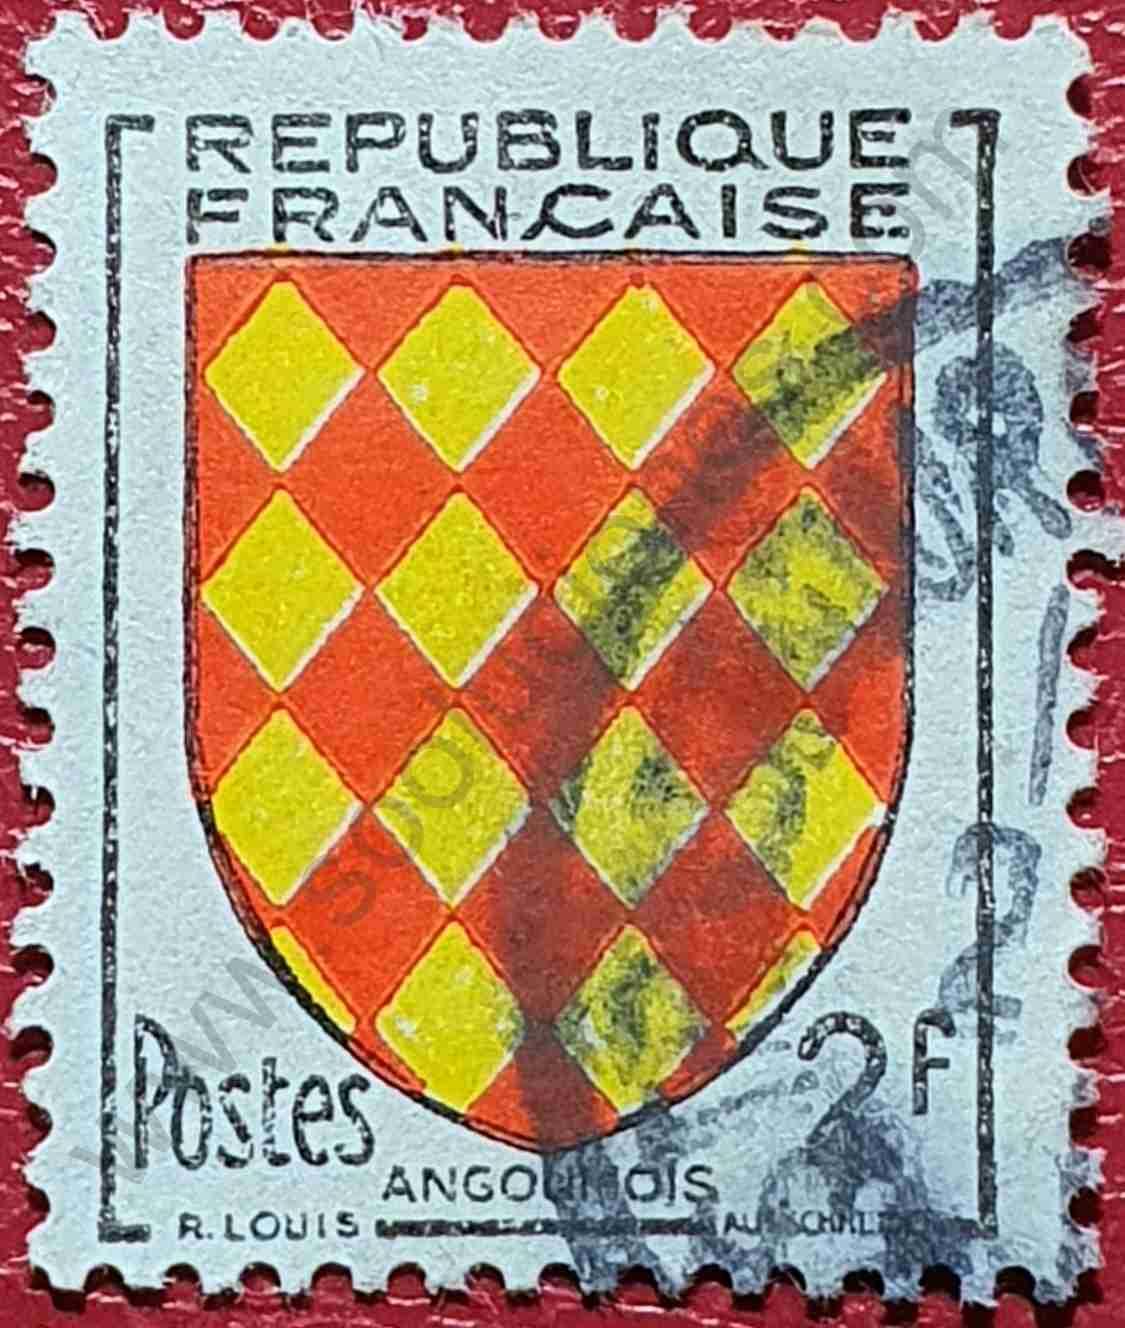 Escudo de Angoumois - Sello Francia 1954